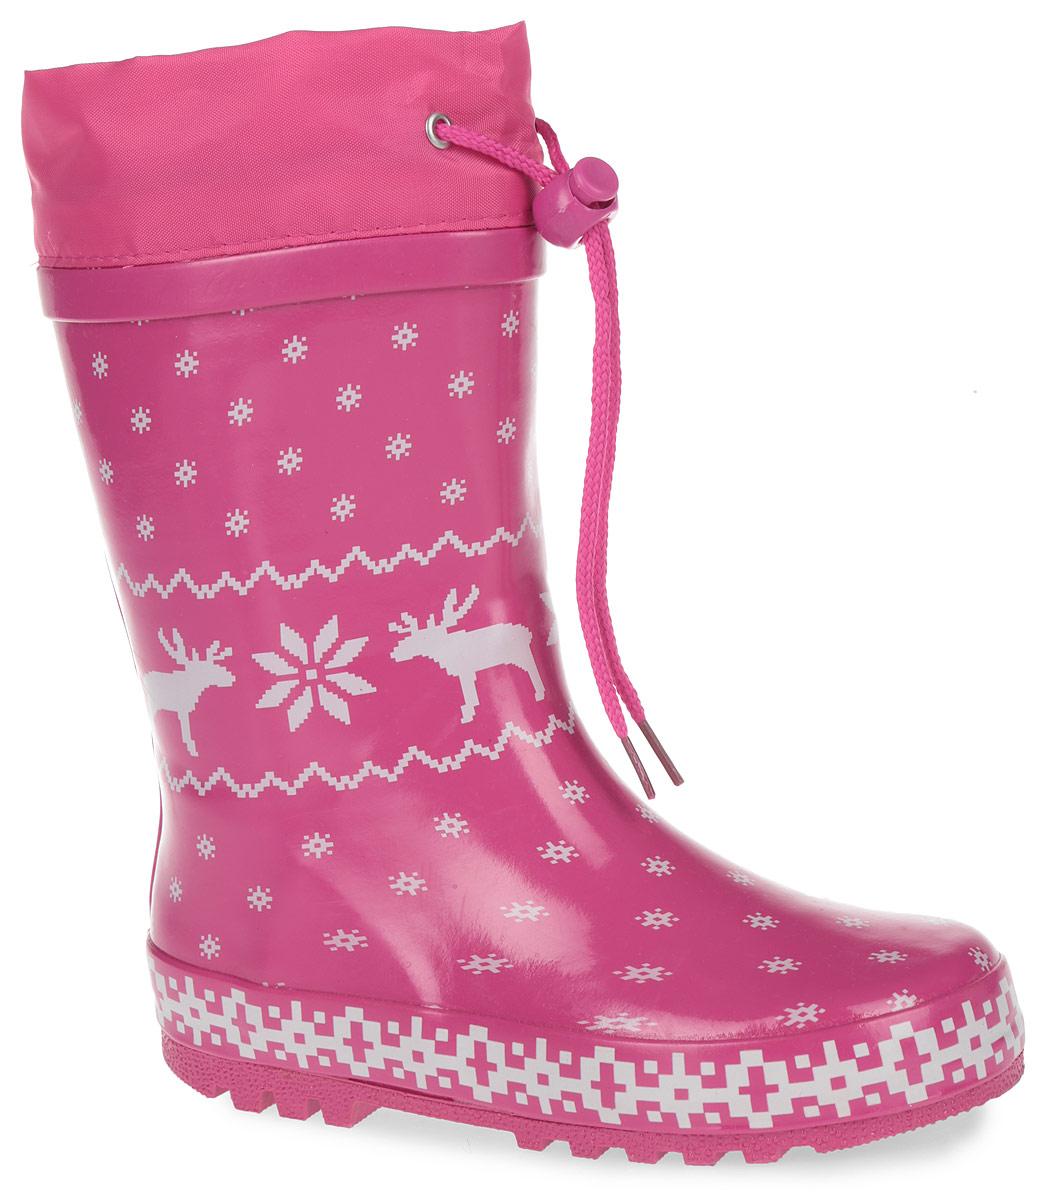 Сапоги резиновые для девочки. 100410100410Яркие резиновые сапоги от Mursu - идеальная обувь в дождливую погоду для вашей девочки. Сапоги выполнены из резины и оформлены оригинальным принтом. Внутренняя поверхность из хлопка и съемная стелька EVA с текстильной поверхностью при движении. Текстильный верх голенища регулируется в объеме за счет шнурка со стоппером. Протектор подошвы гарантирует отличное сцепление с любой поверхностью. Резиновые сапоги не только защитят ноги вашей девочки от промокания в дождливый день, но и поднимут ей настроение.